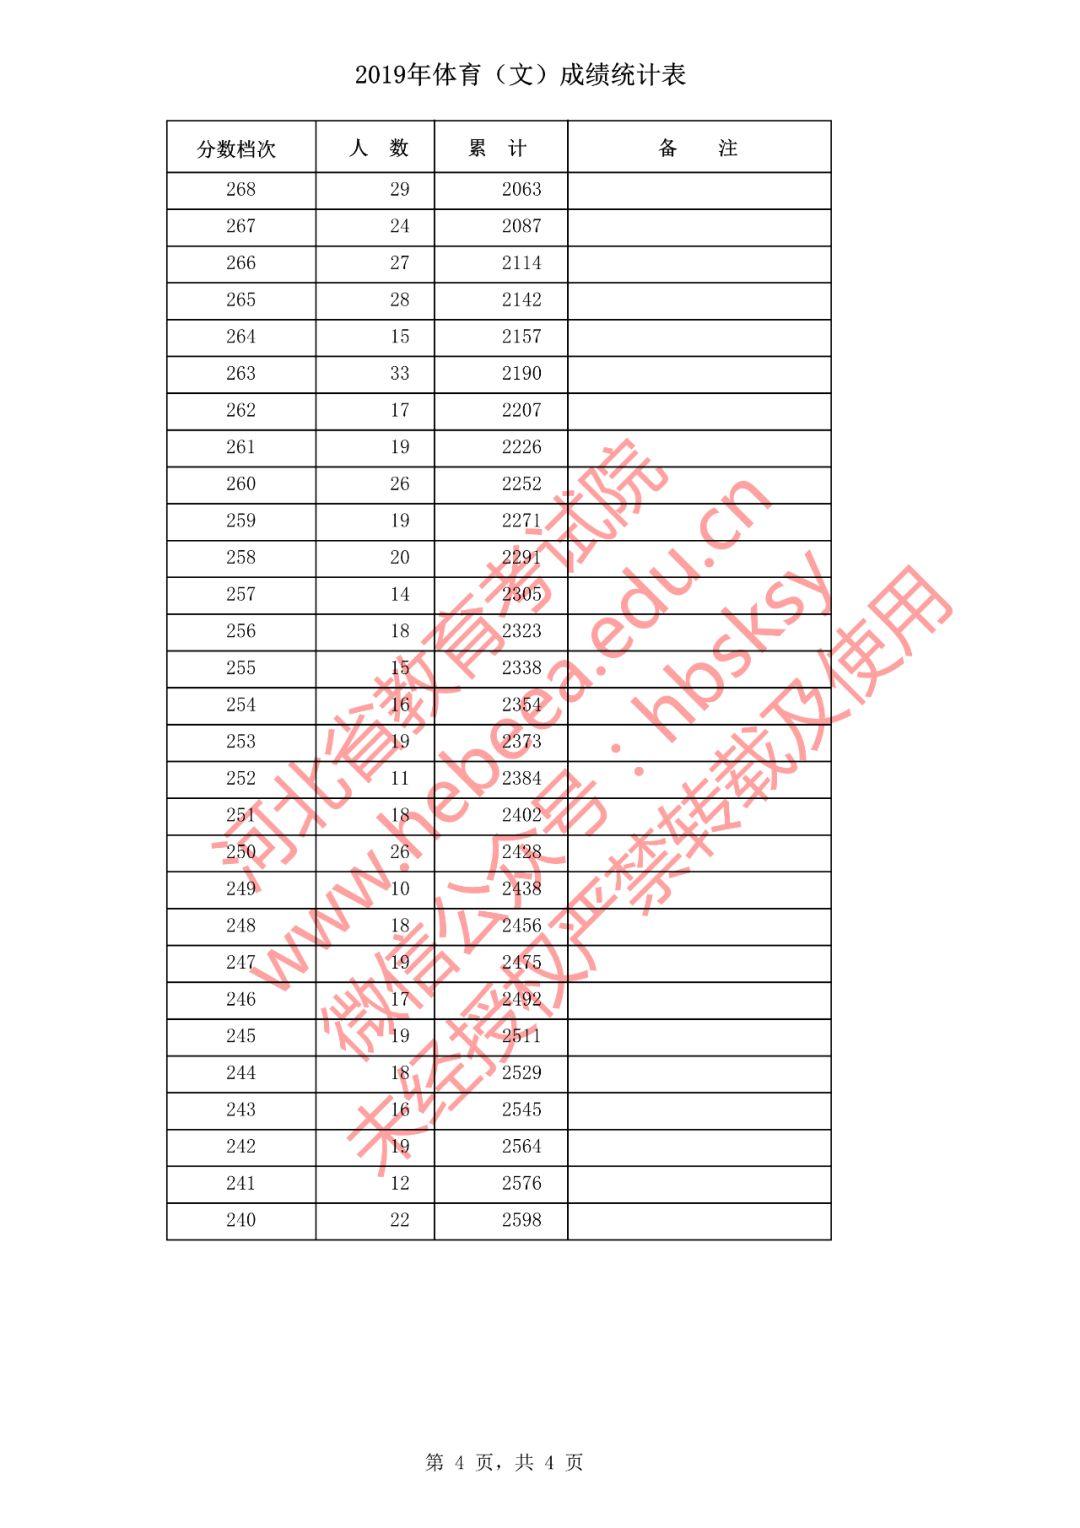 2019年河北省普通高校招生体育(文)考生成绩统计表